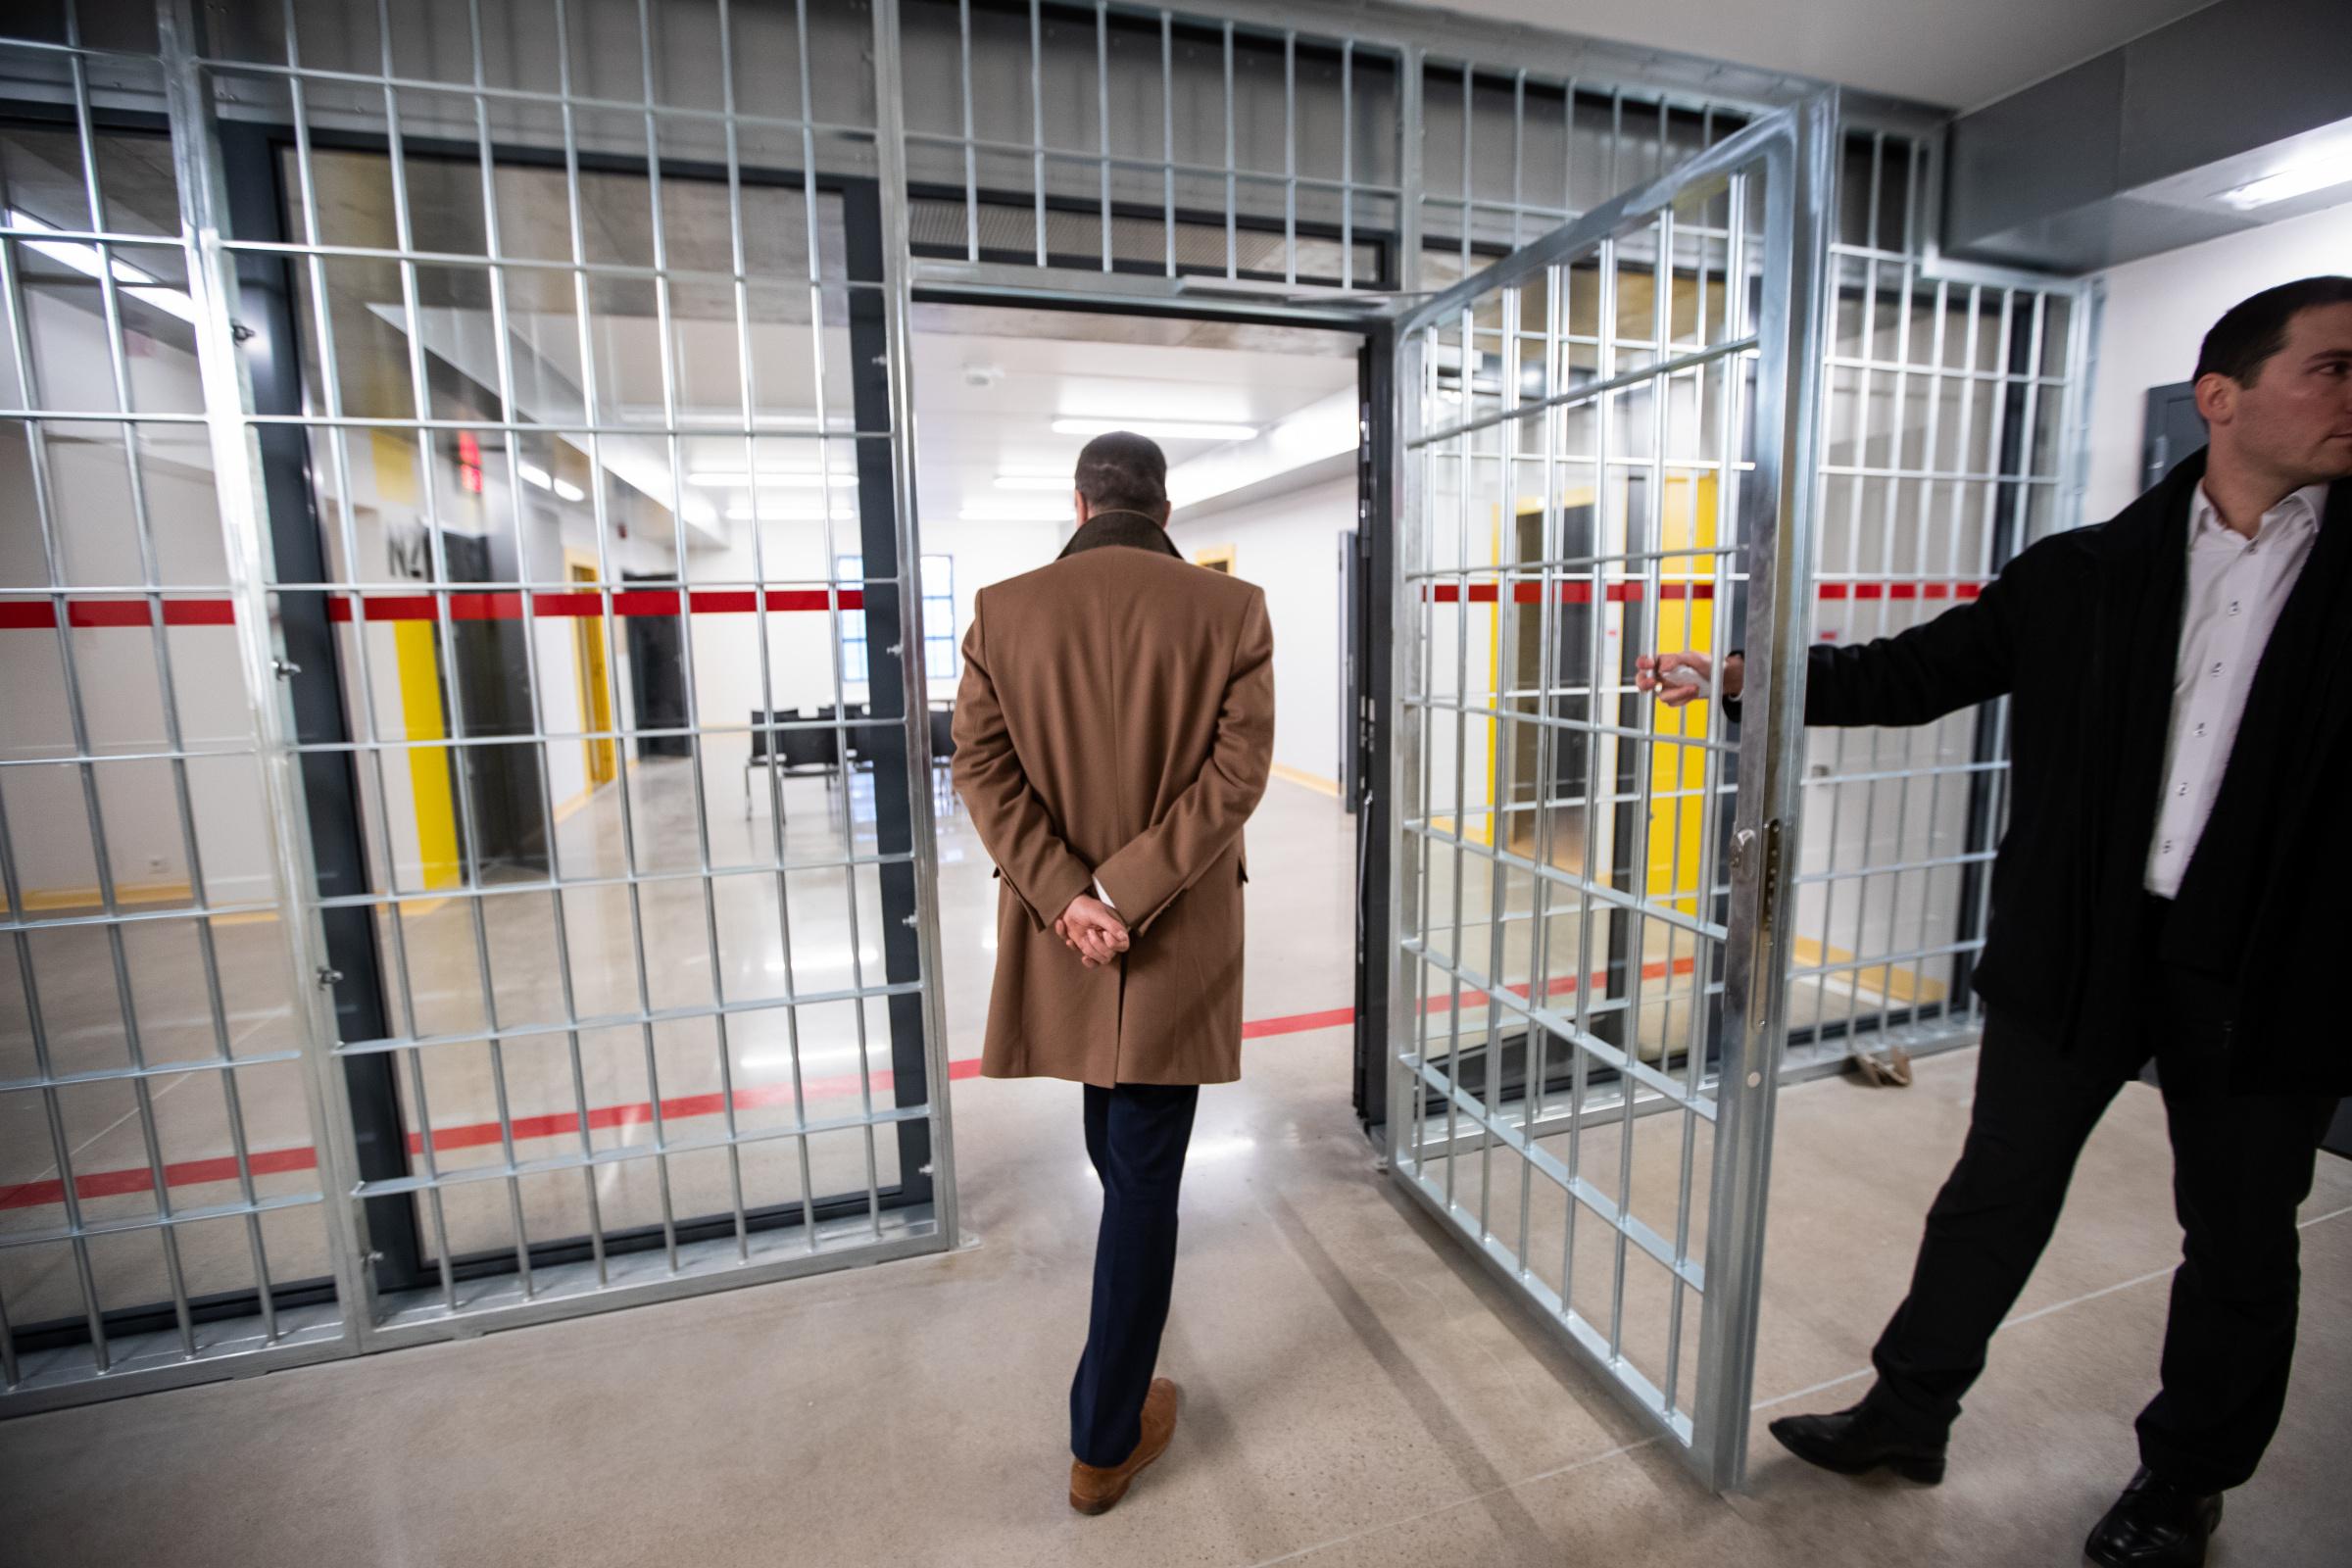 Kohus mõistis avariijärgse kindlustuspettuse korraldajad mitmeks kuuks tingimisi vangi